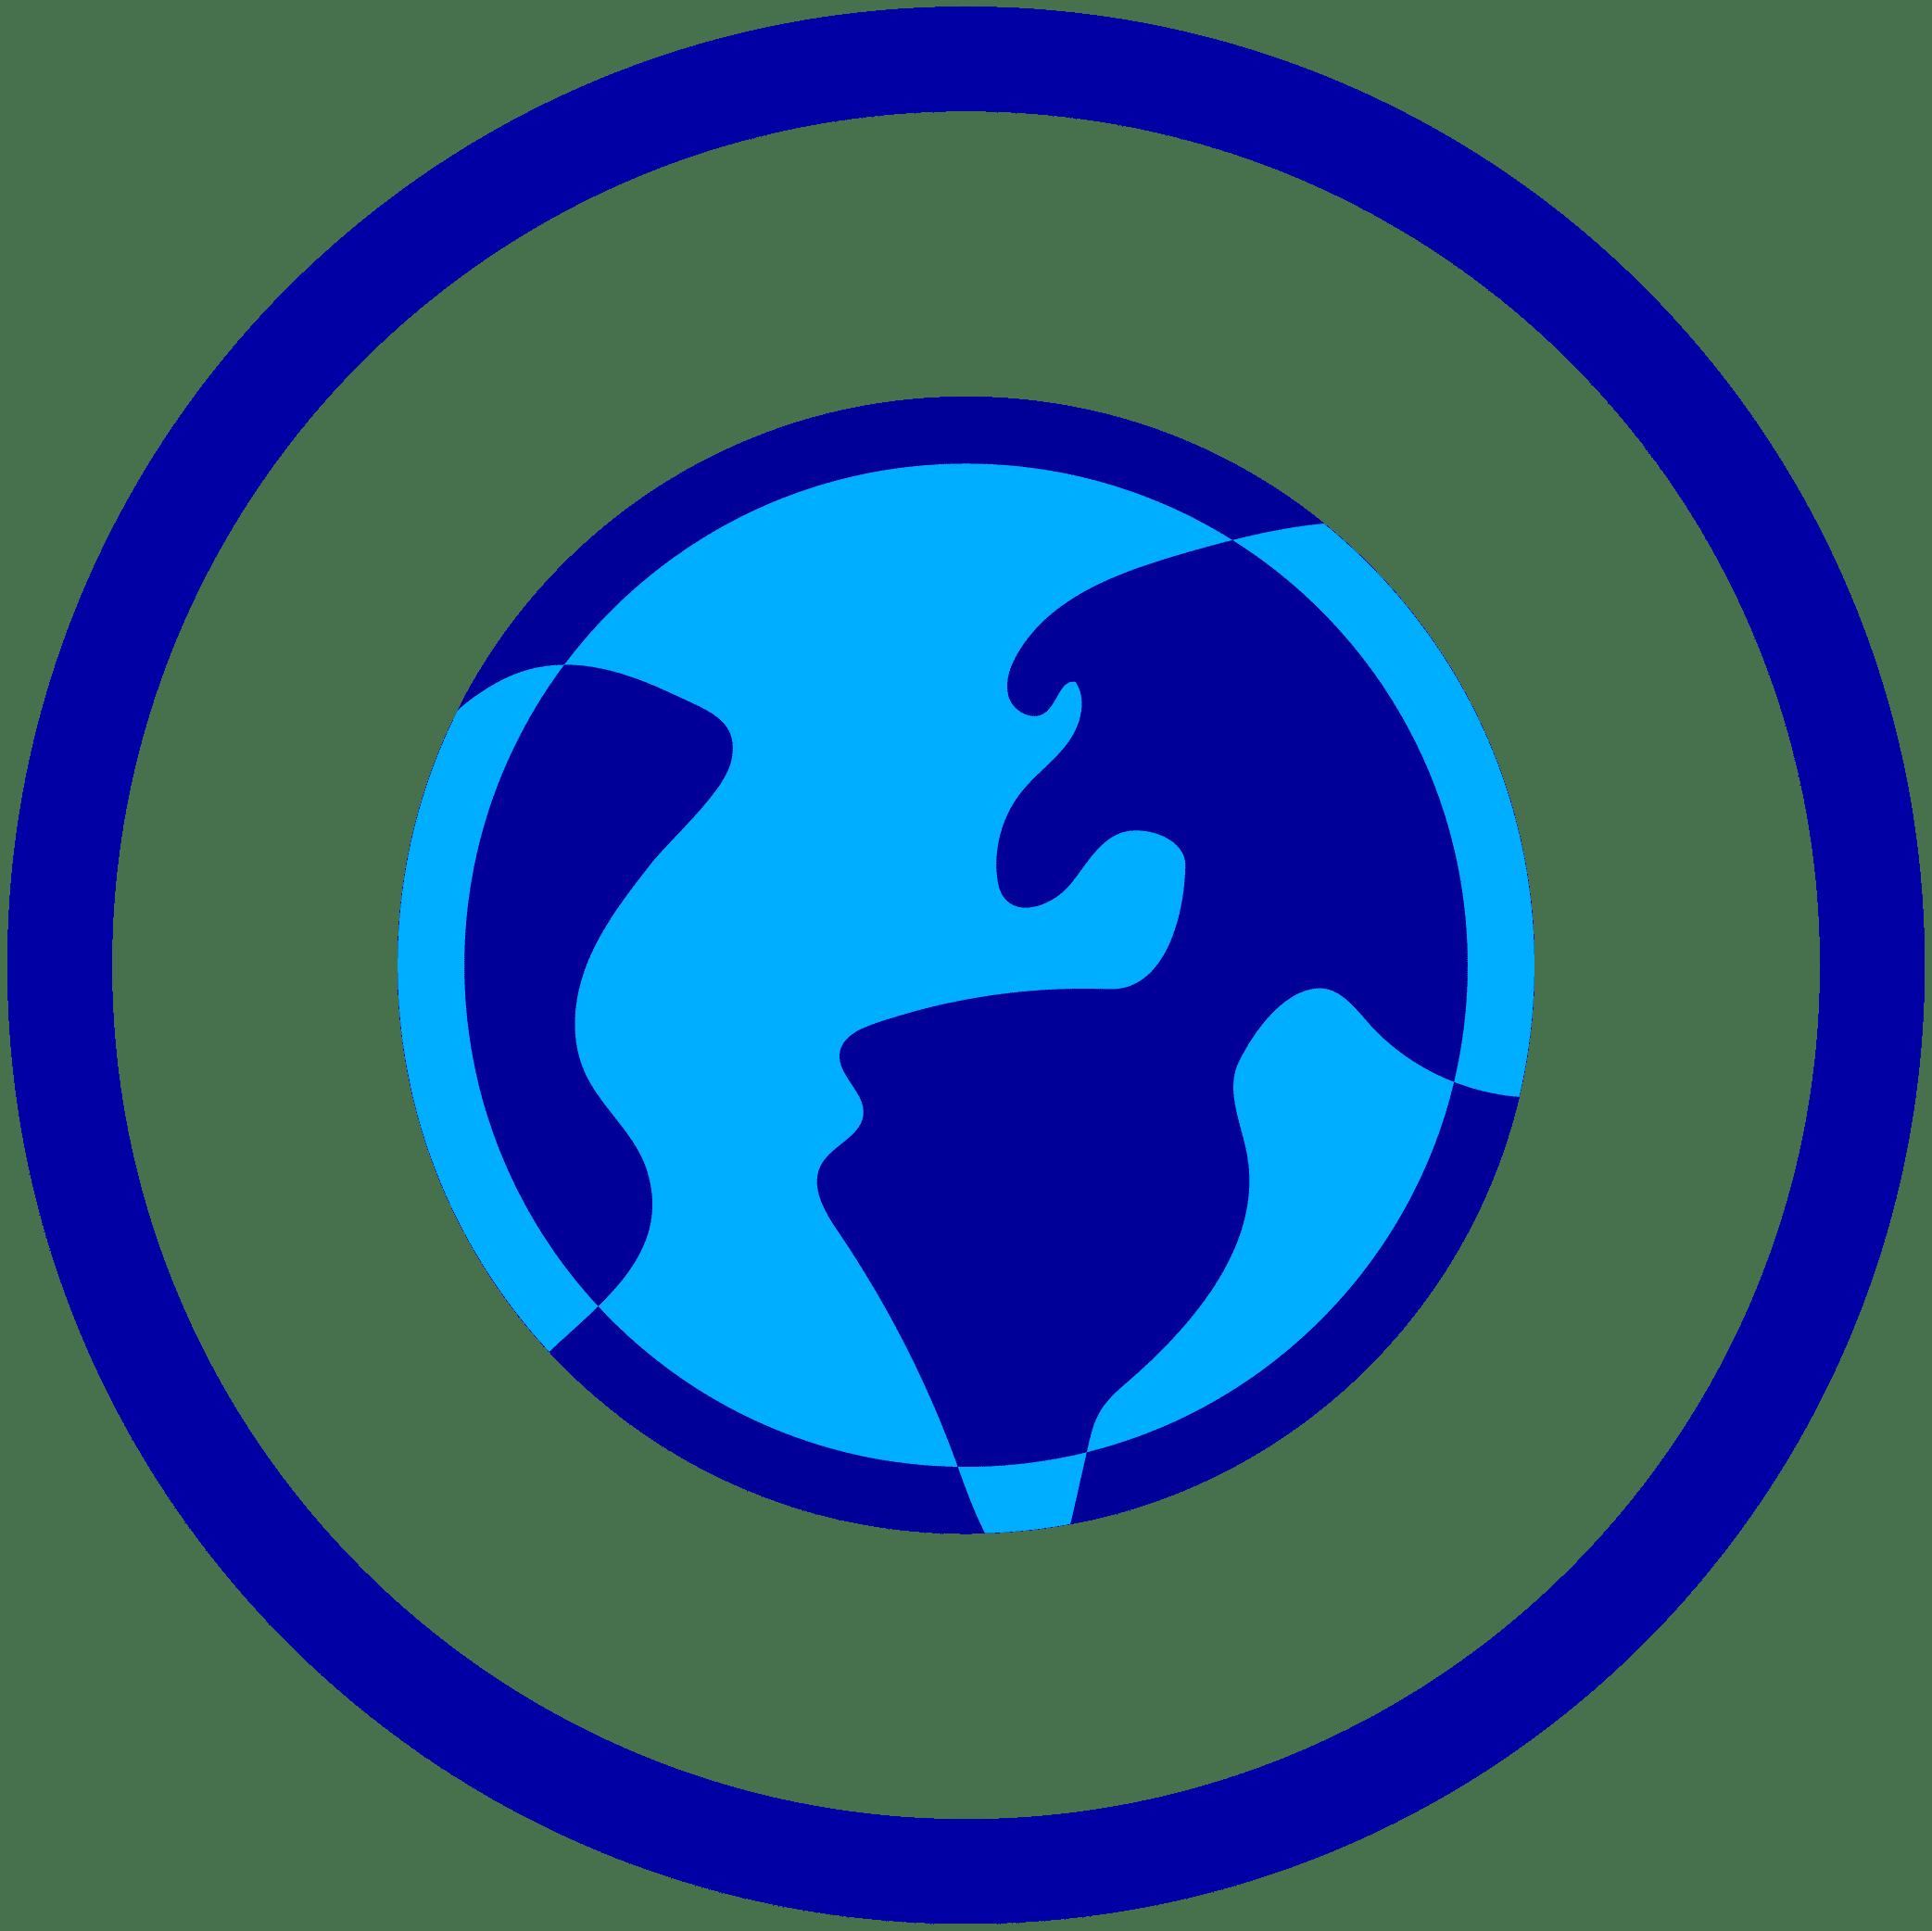 https://es.fi-group.com/wp-content/uploads/sites/4/2021/10/blue-icons-set_1-13.png